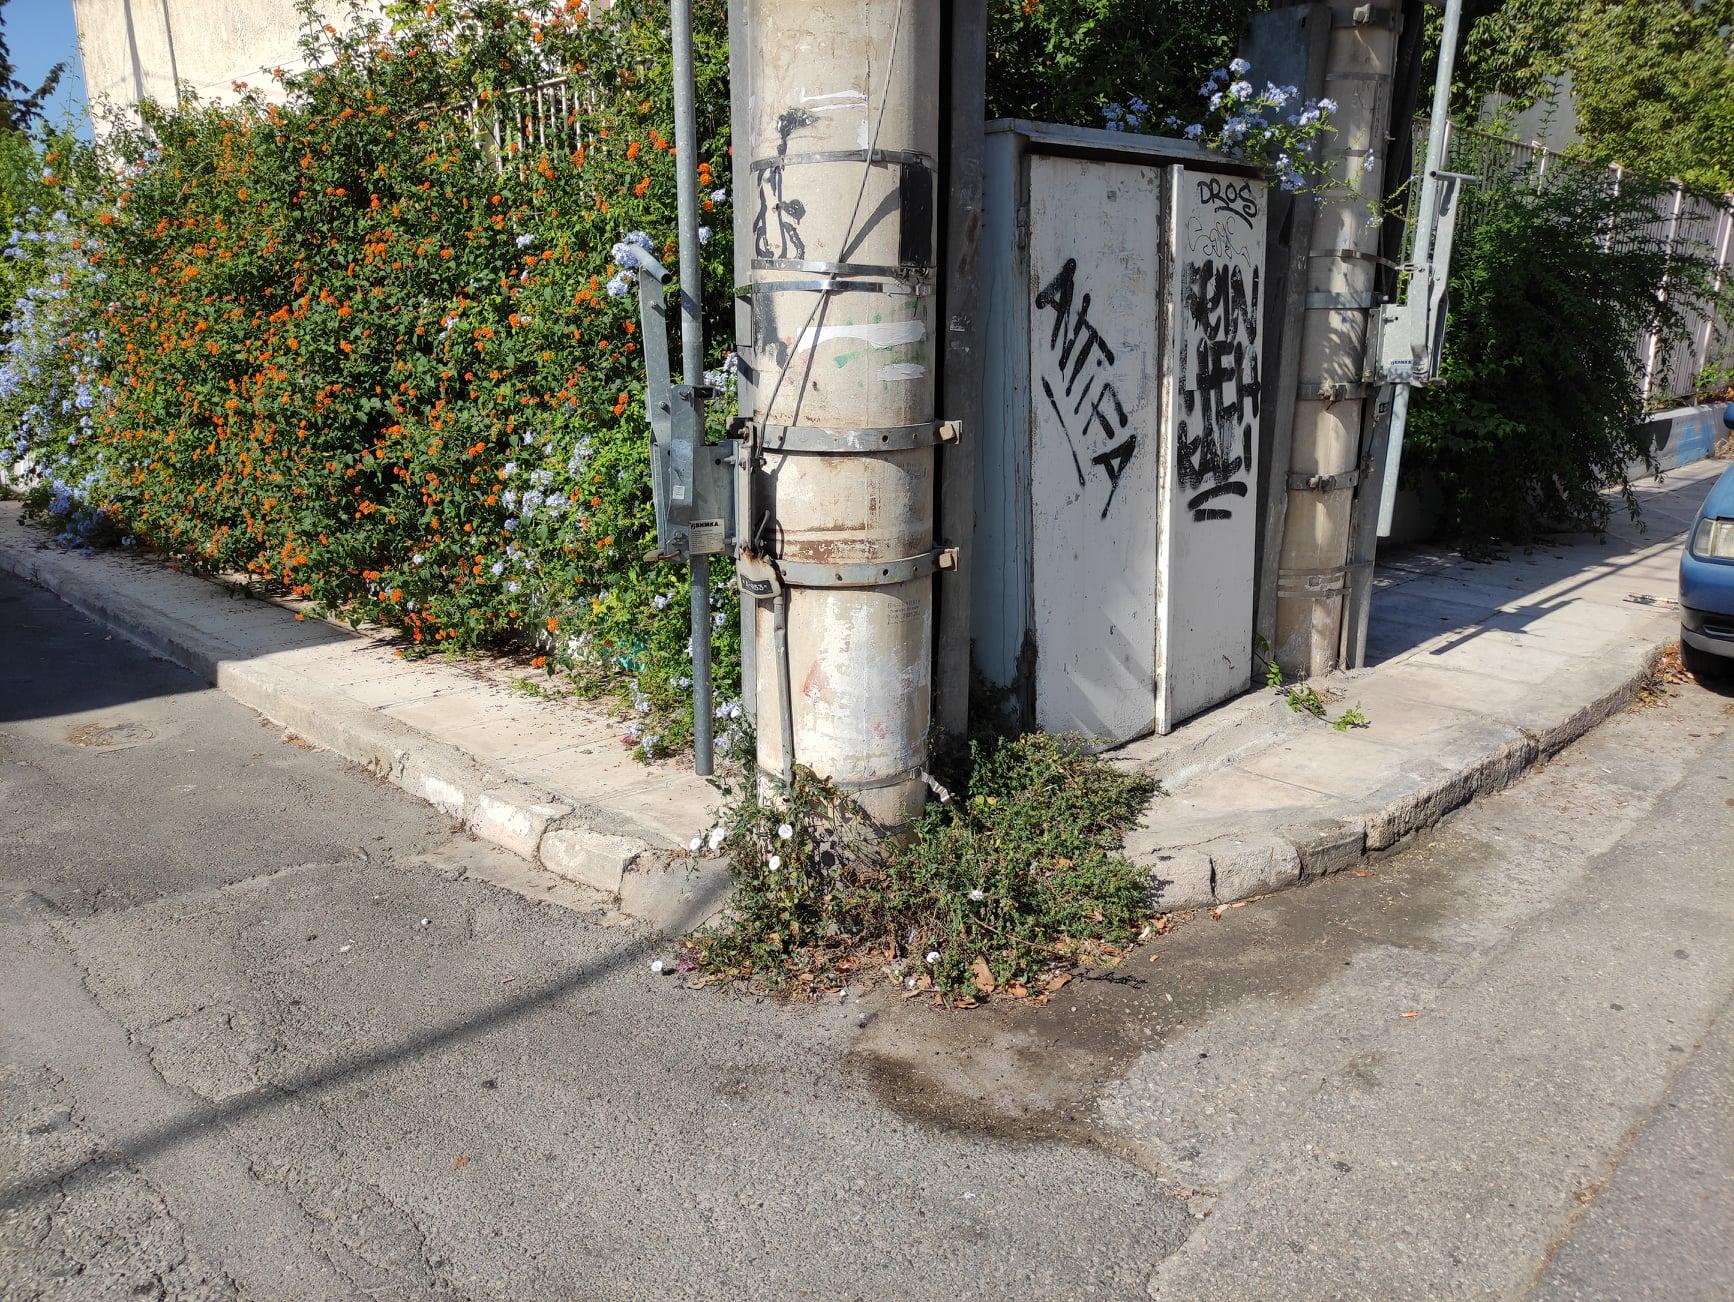 Μια κολώνα της ΔΕΗ πάνω σε γωνία στενού πεζοδρομίου.